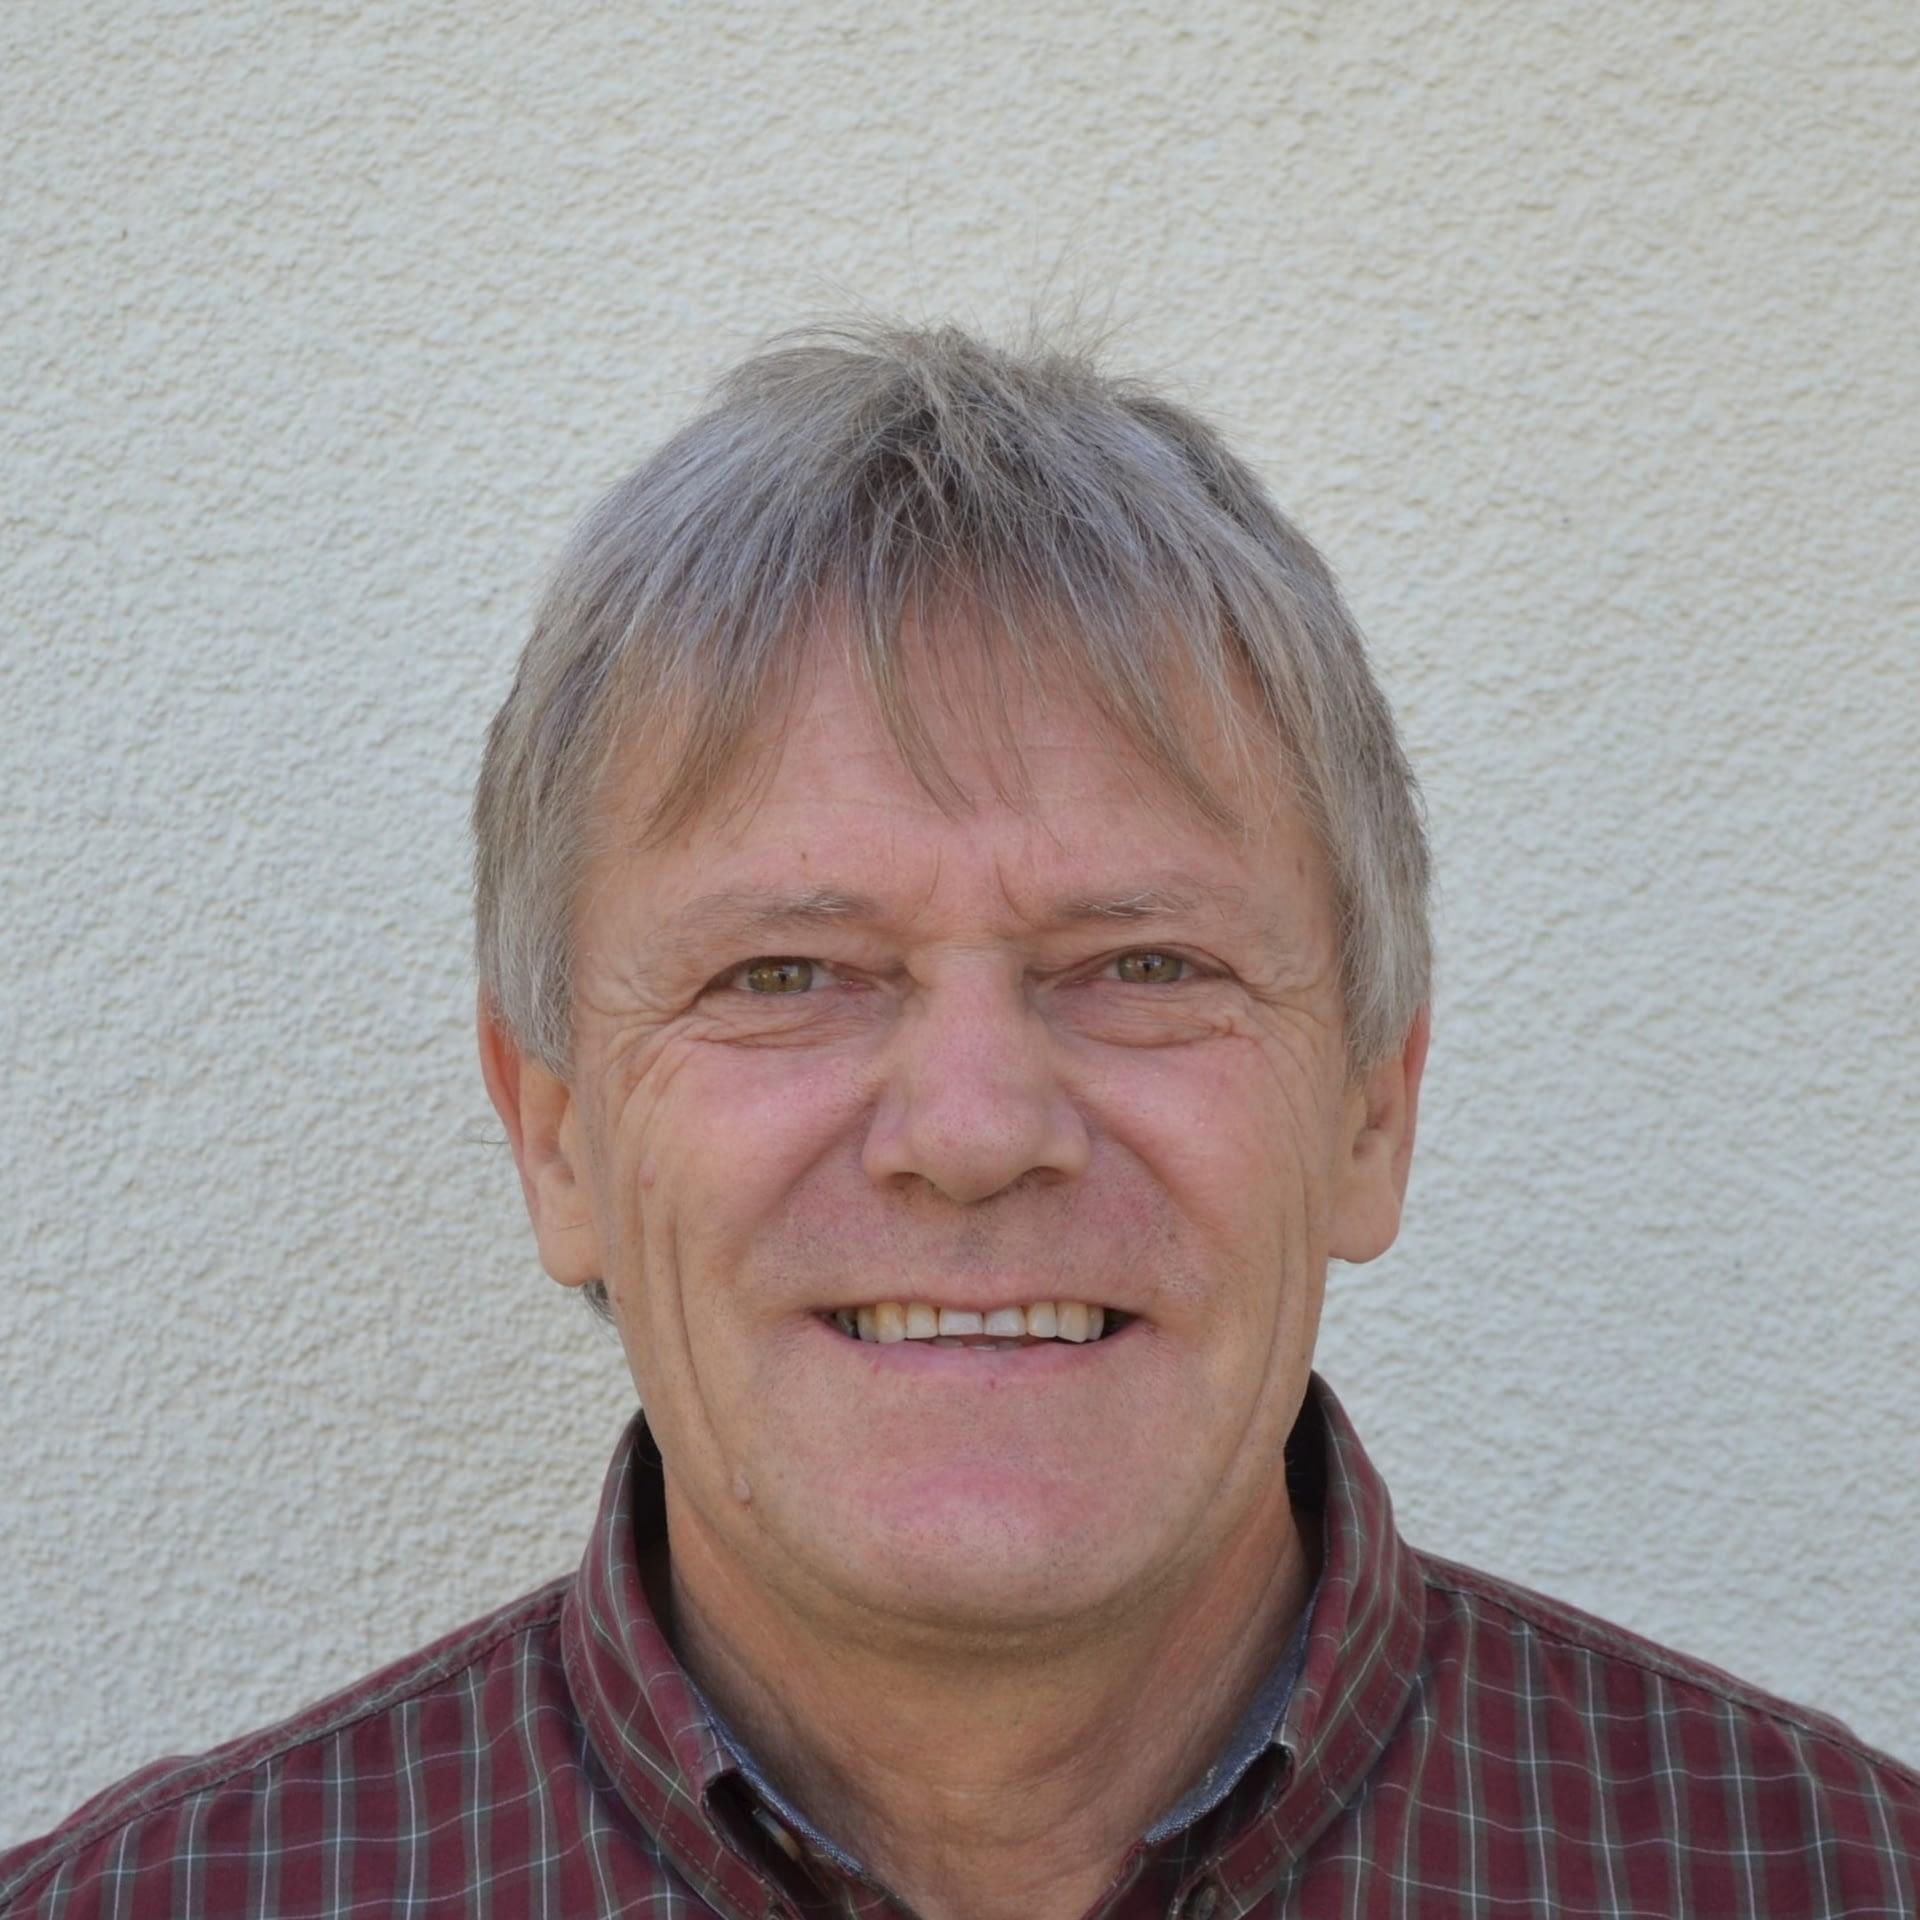 Peter-Ochs